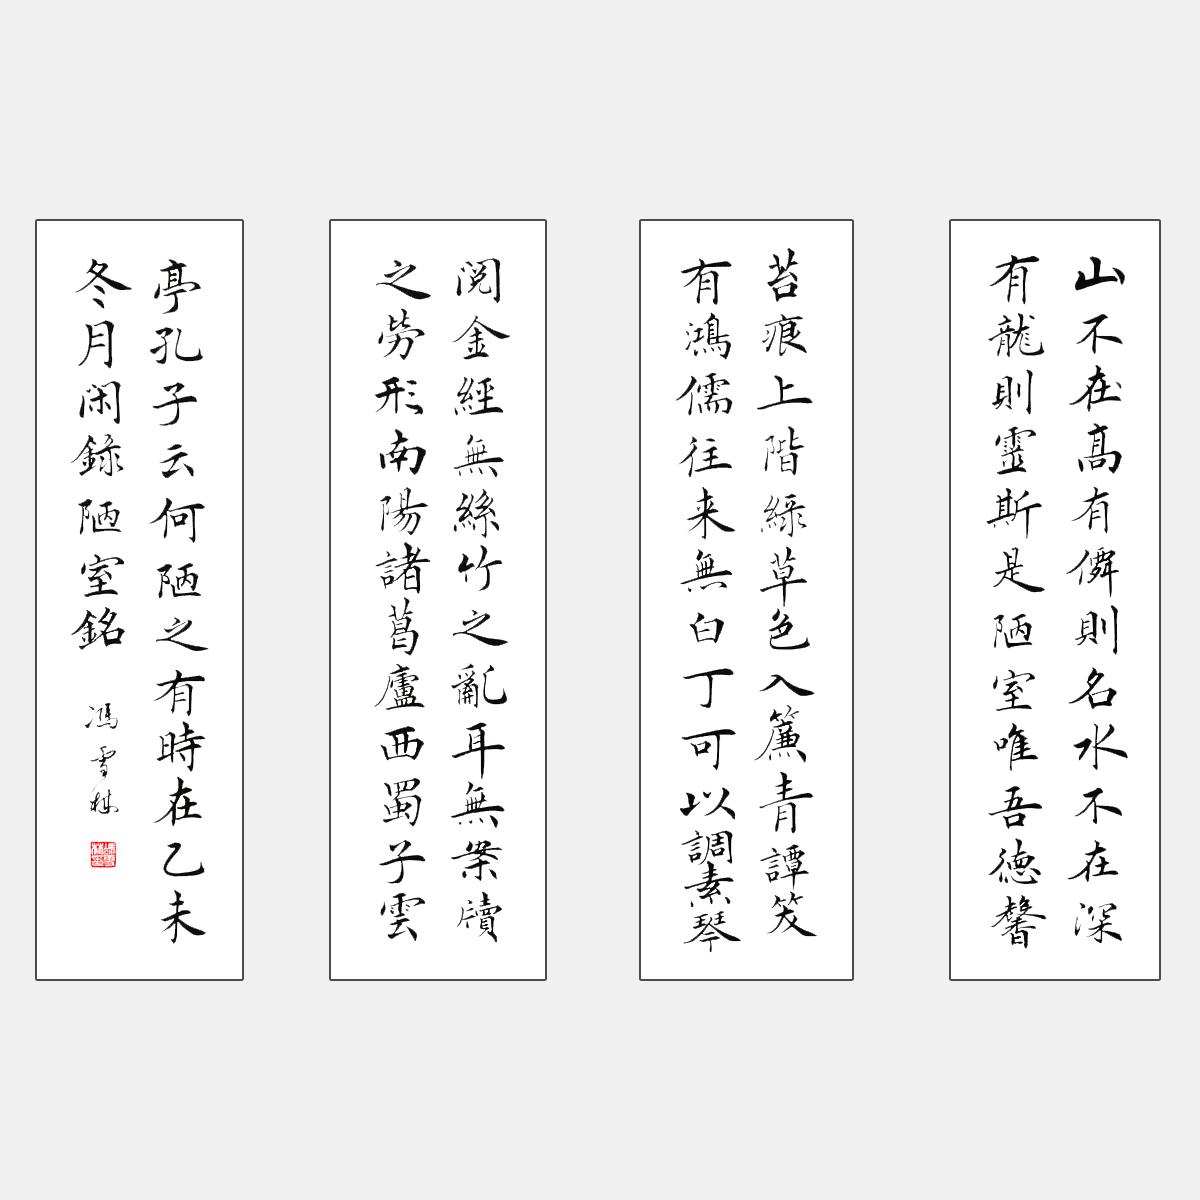 冯雪林书法作品:刘禹锡名篇《陋室铭》楷书 四屏条幅 高雅情操